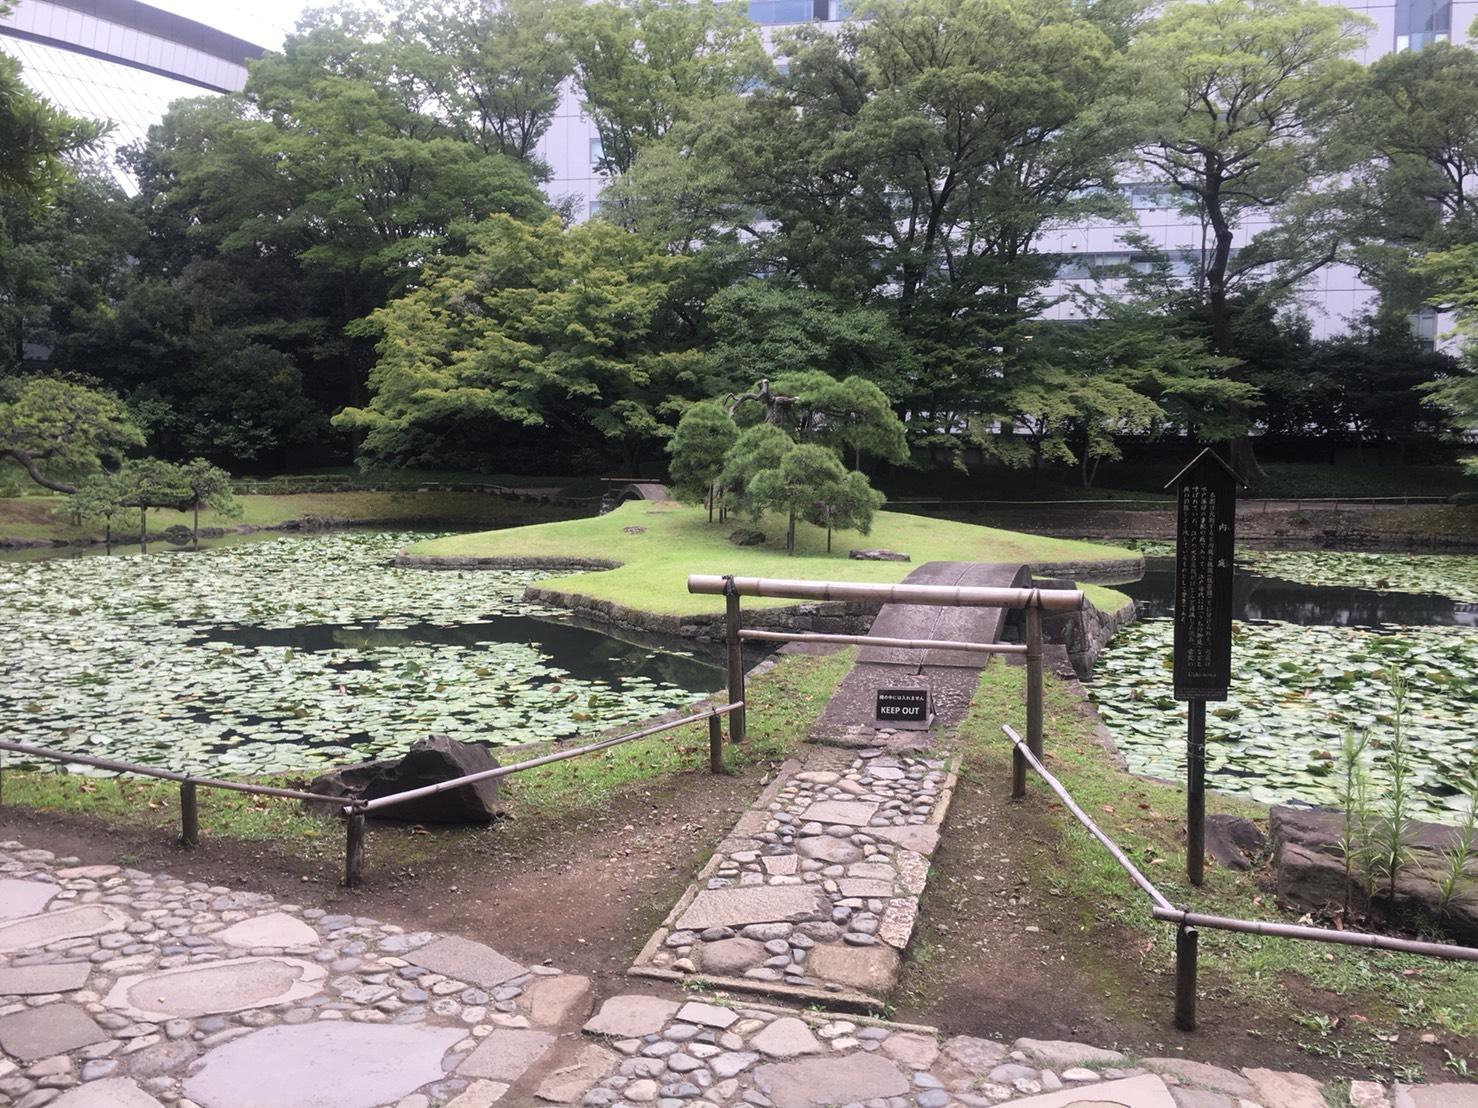 【飯田橋駅】江戸時代の中国趣味豊かな景観で一句「小石川後楽園」の内庭1